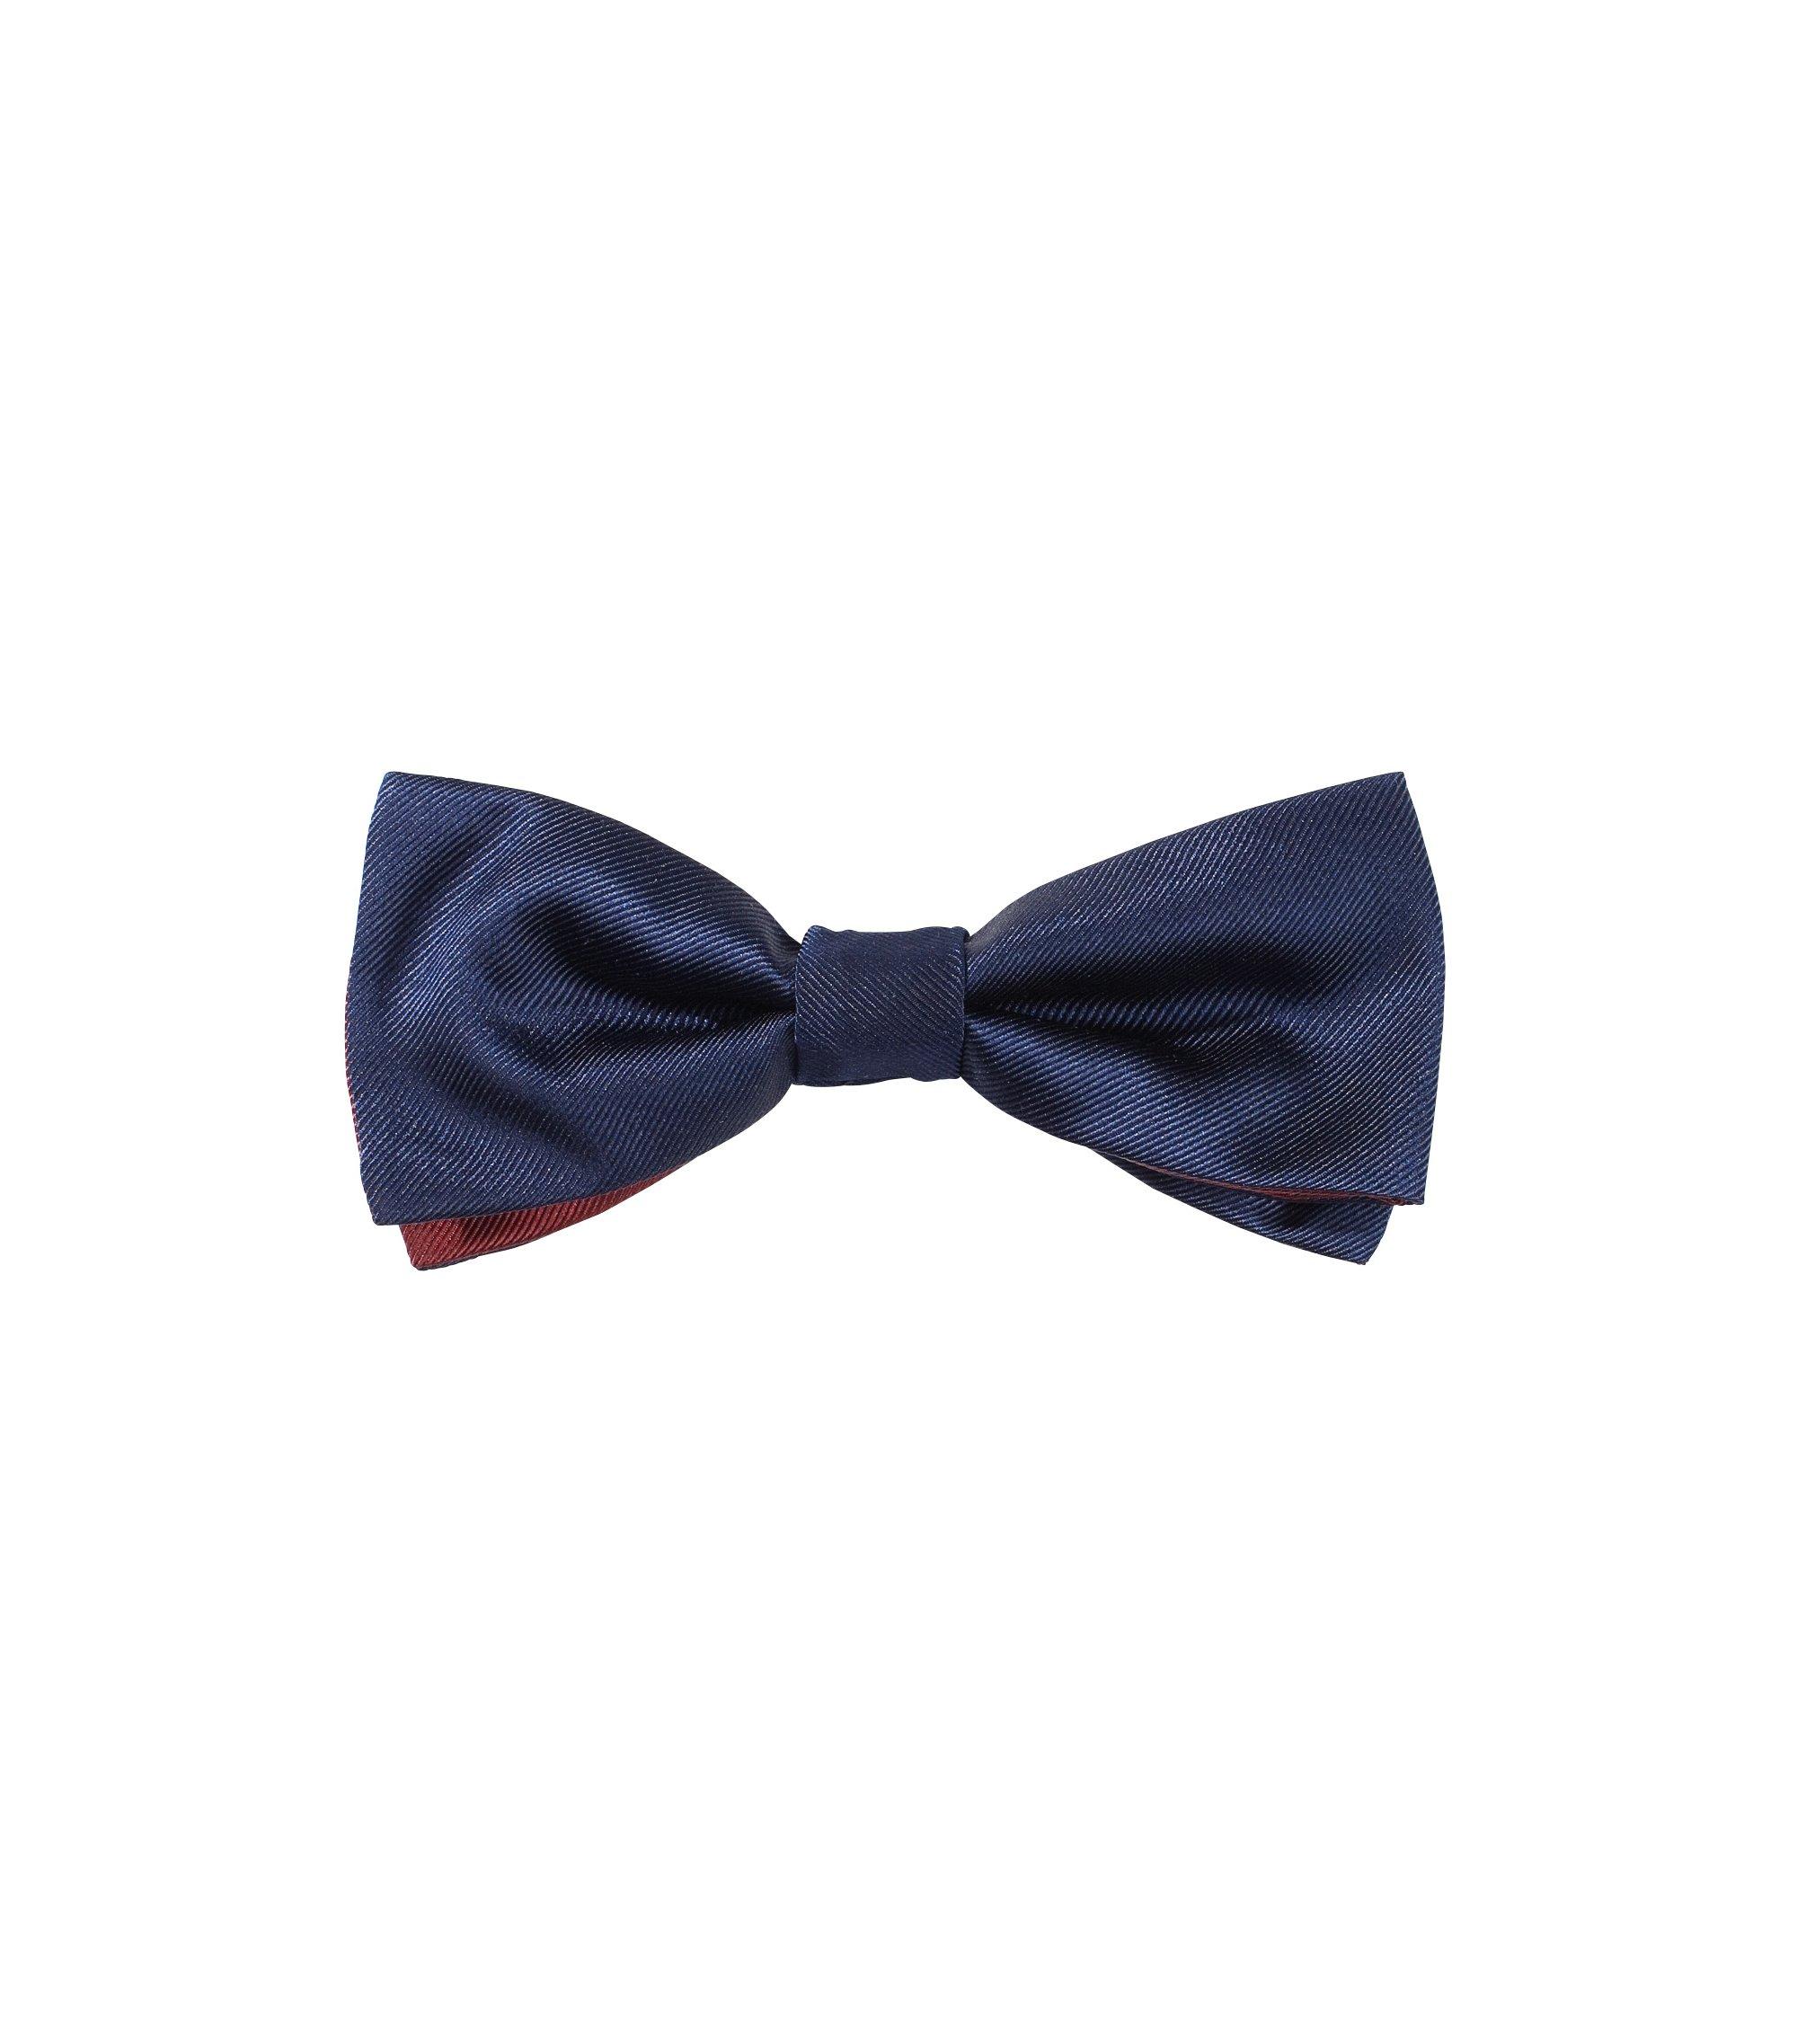 Fliege ´Double Bow Tie` aus Seide, Dunkelblau